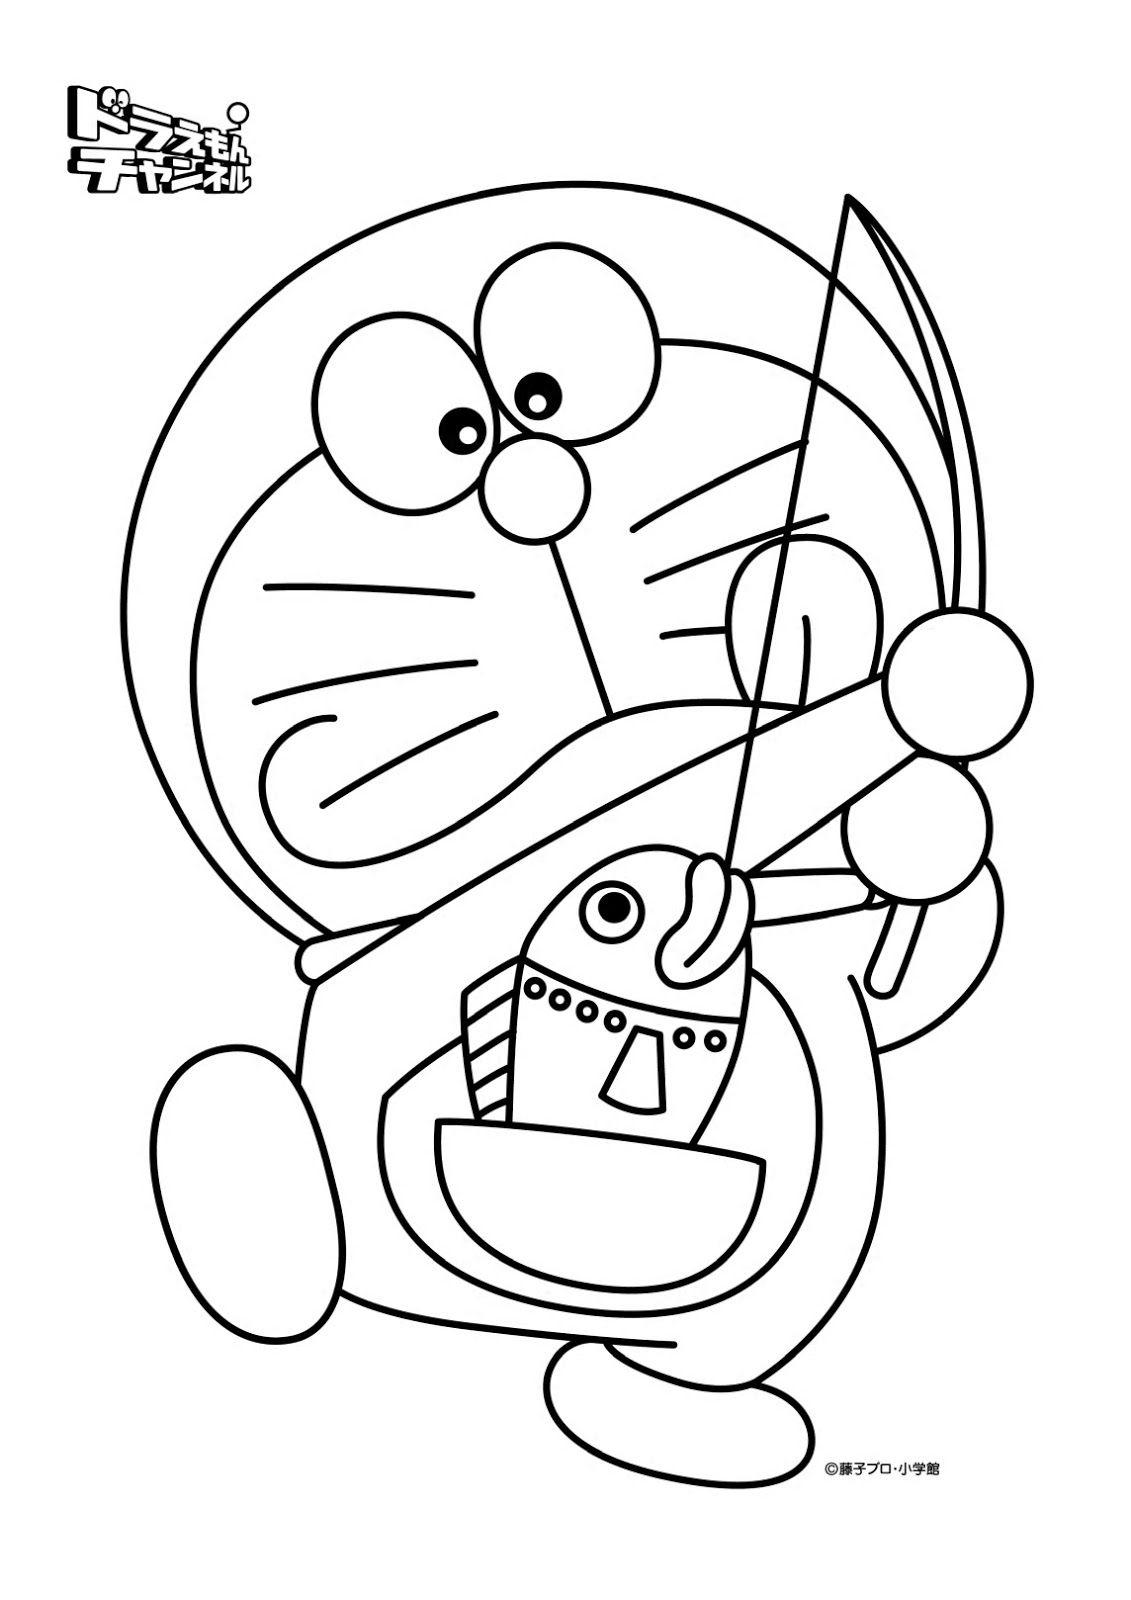 Gambar Mewarnai Doraemon Semua Yang Kamu Mau